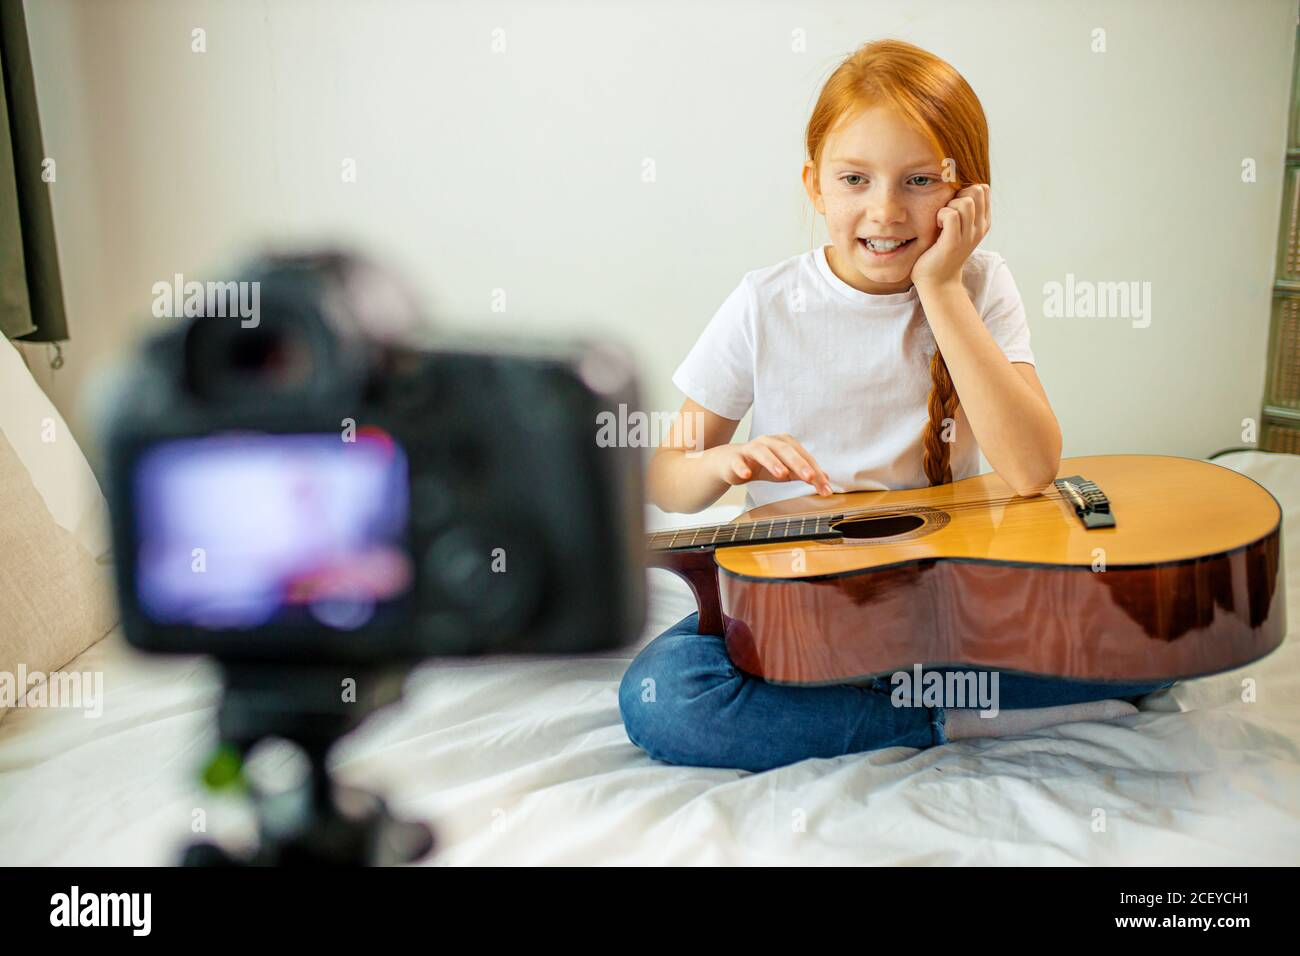 mignon adorable enfant blogueur jouer de la guitare, parler à la caméra comment elle a appris à jouer de la guitare acoustique, elle est autodidacte Banque D'Images